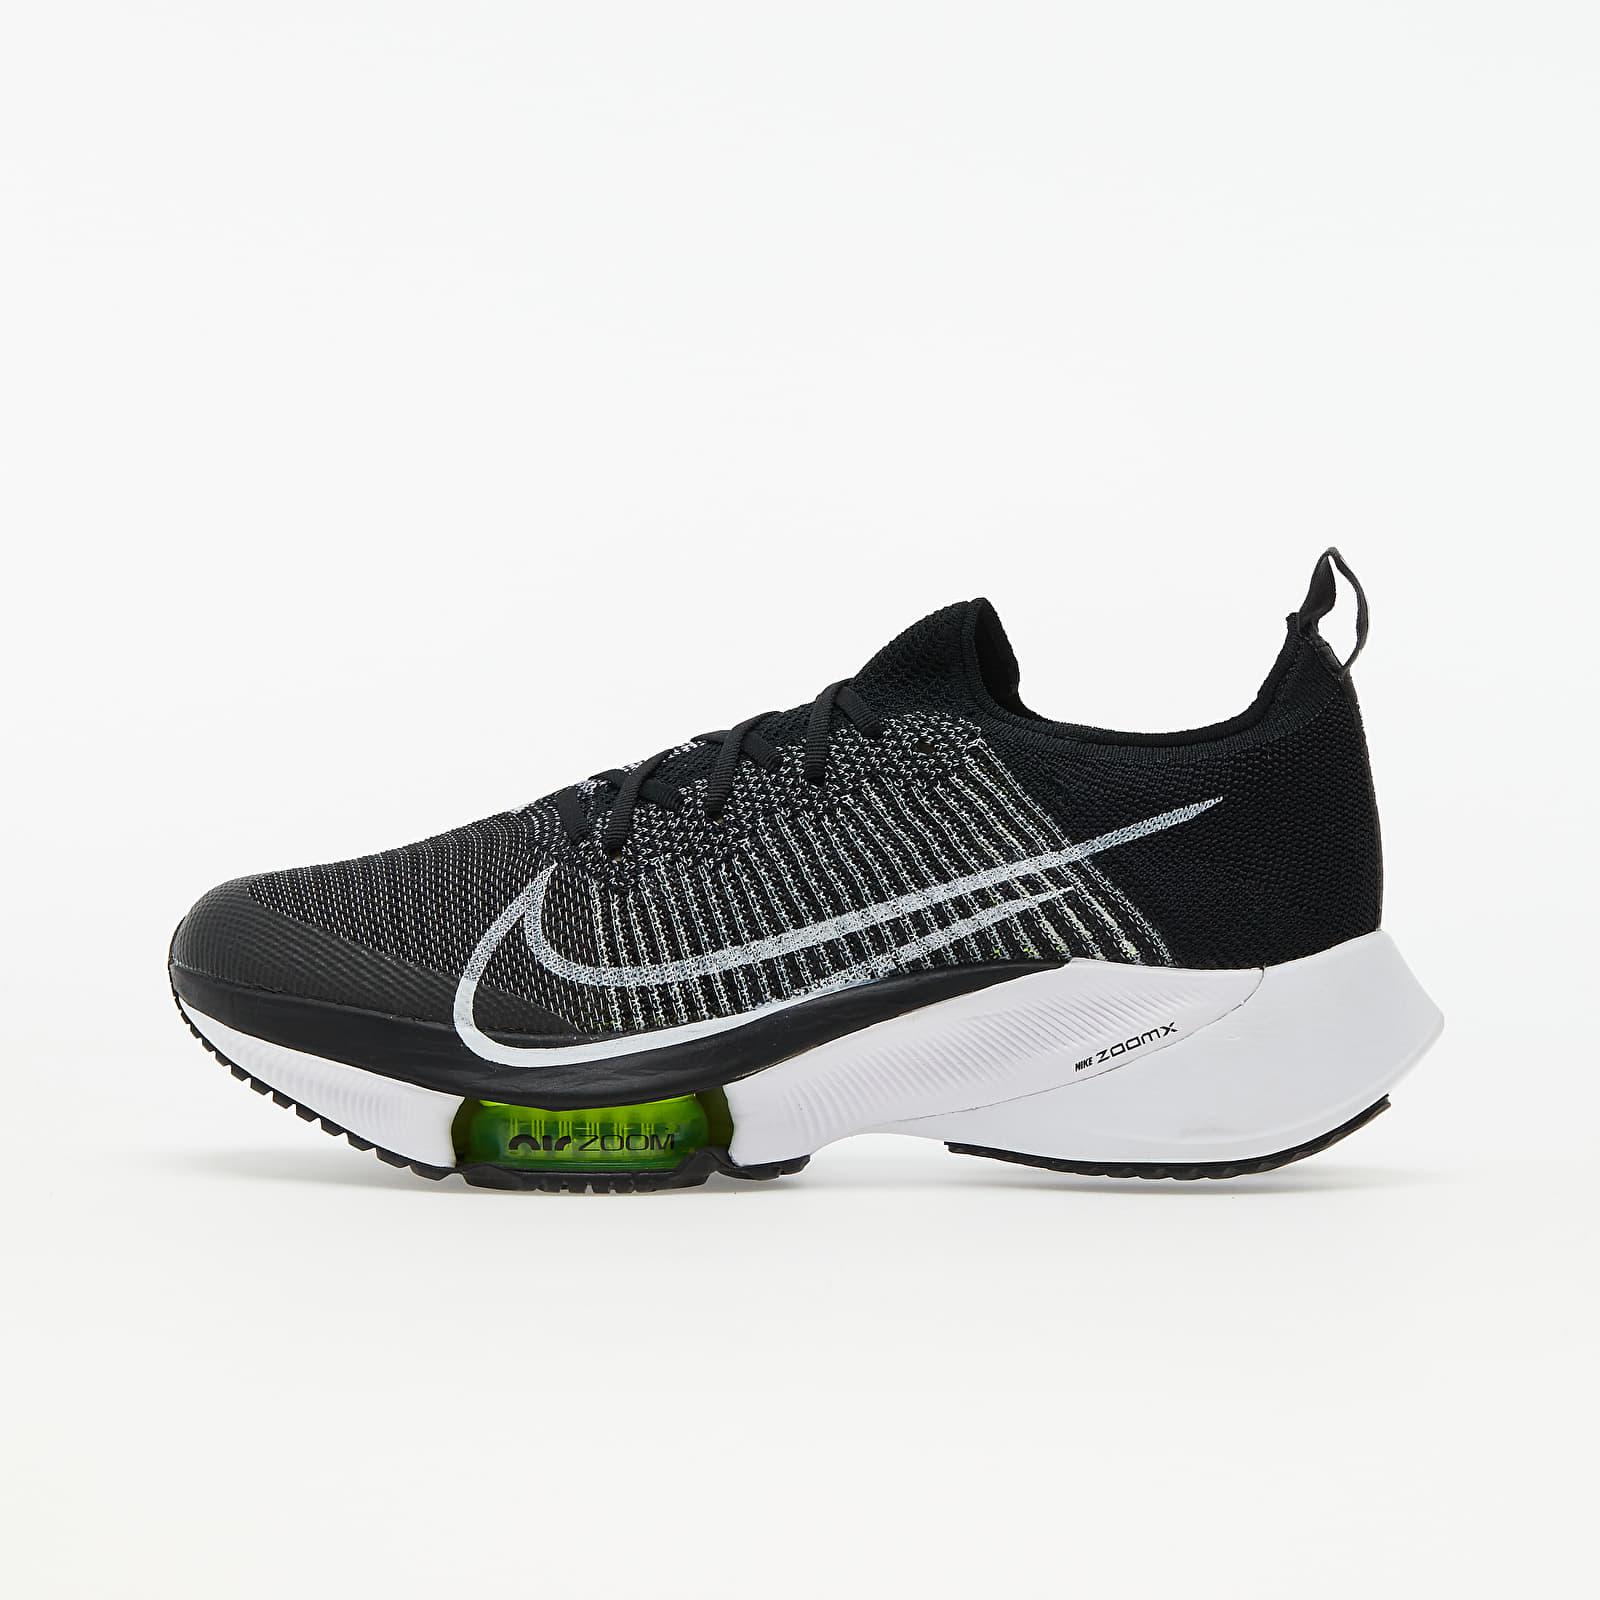 Nike Air Zoom Tempo NEXT% Black/ White-Volt EUR 42.5